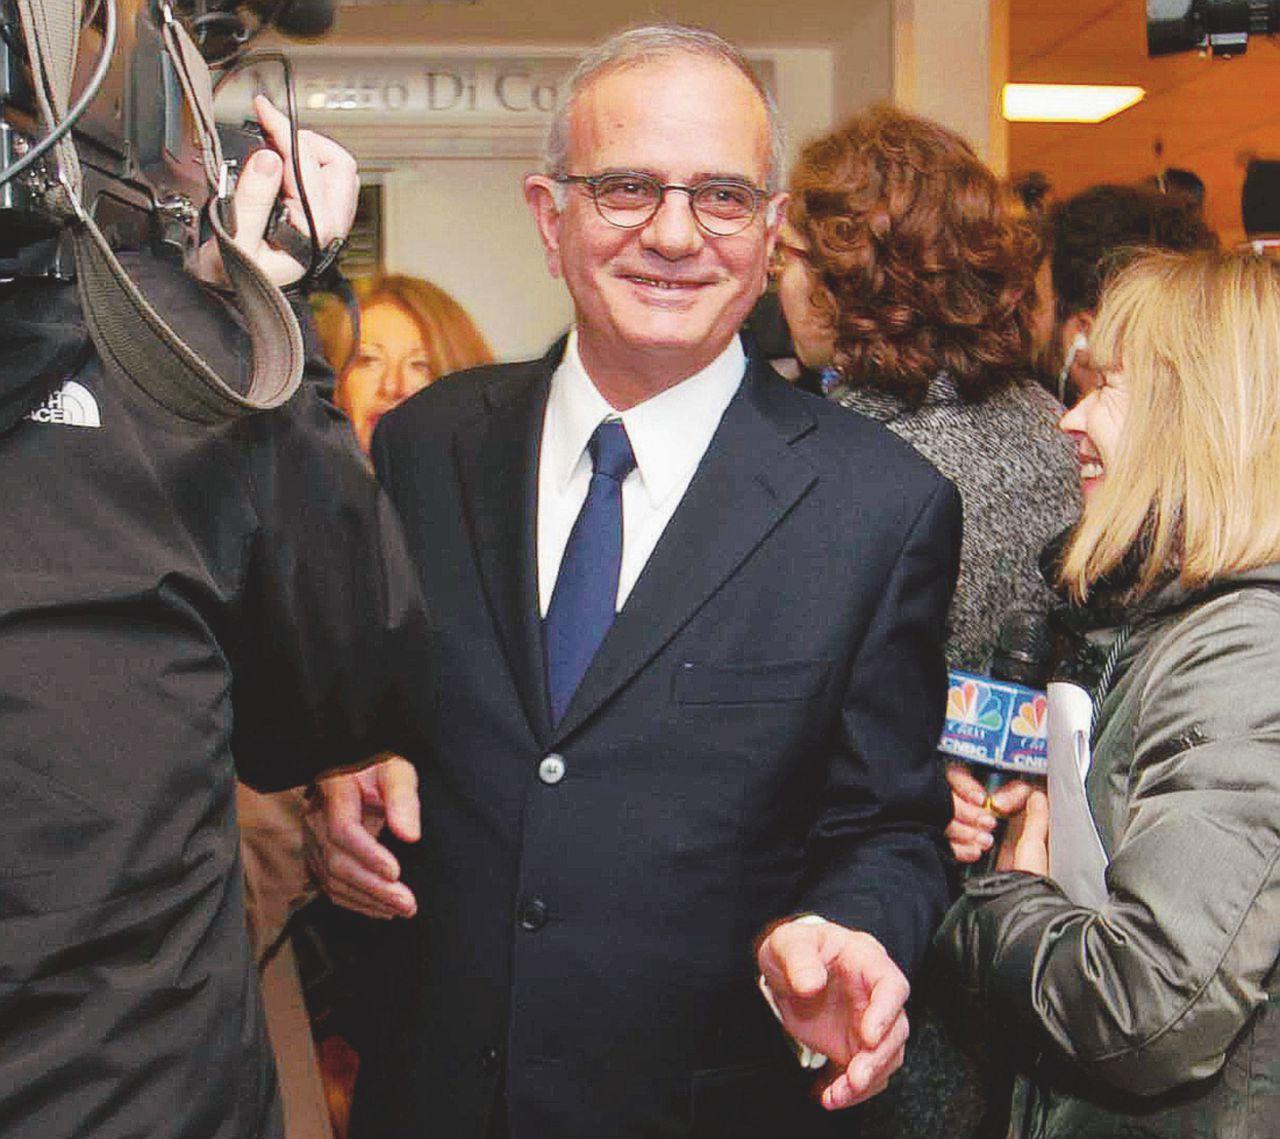 Attilio Befera, prima indaga sui Benetton per faccende tributarie. Poi diventa un loro manager